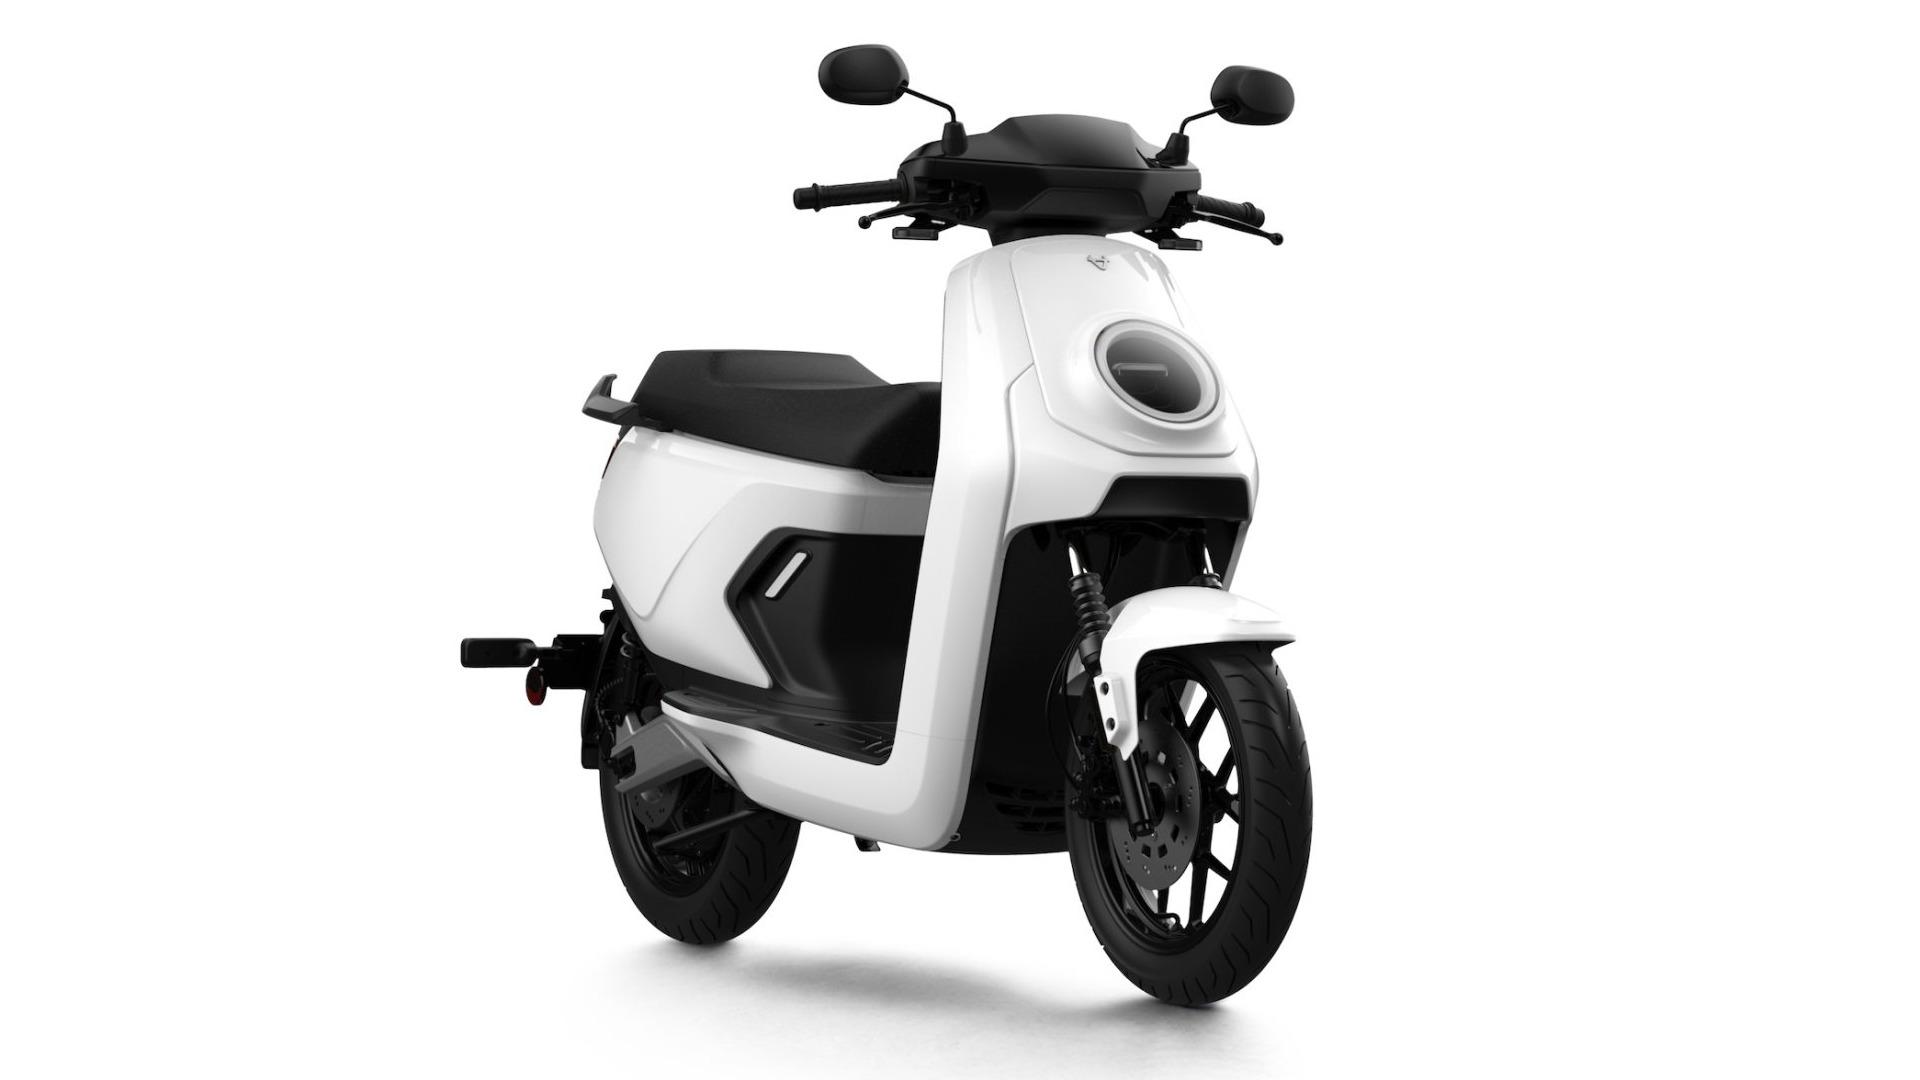 Niu sort un nouveau scooter électrique rapide, plus robuste et plus « conventionnel »